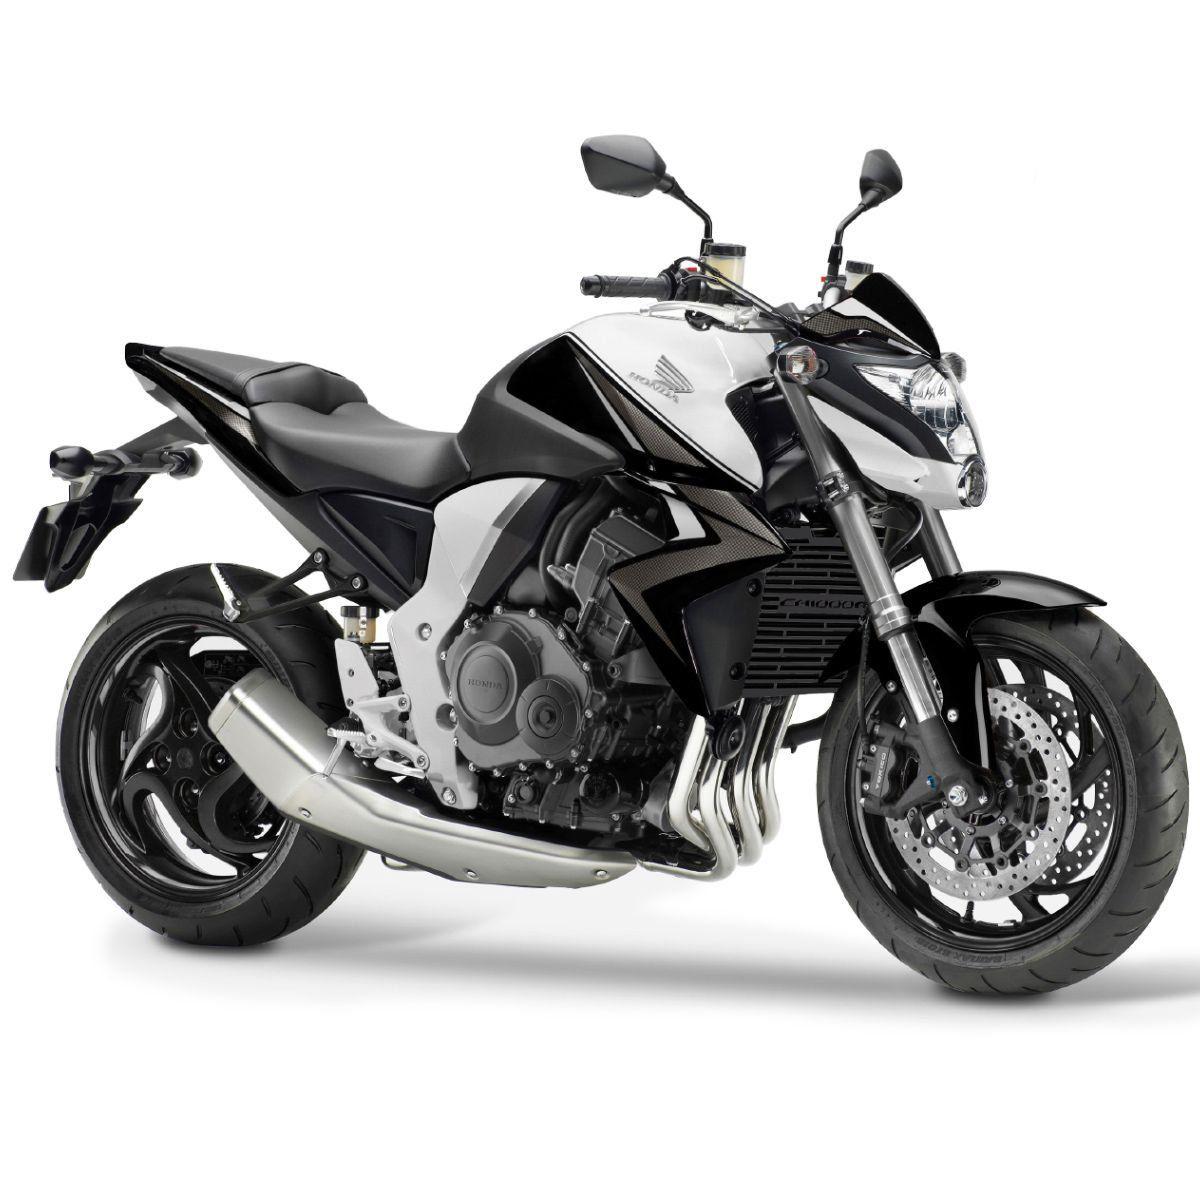 Protetor de Radiador Aço Carbono Honda CB1000R CB1000 R 2012 2013 2014 2015 2016 2017 2018